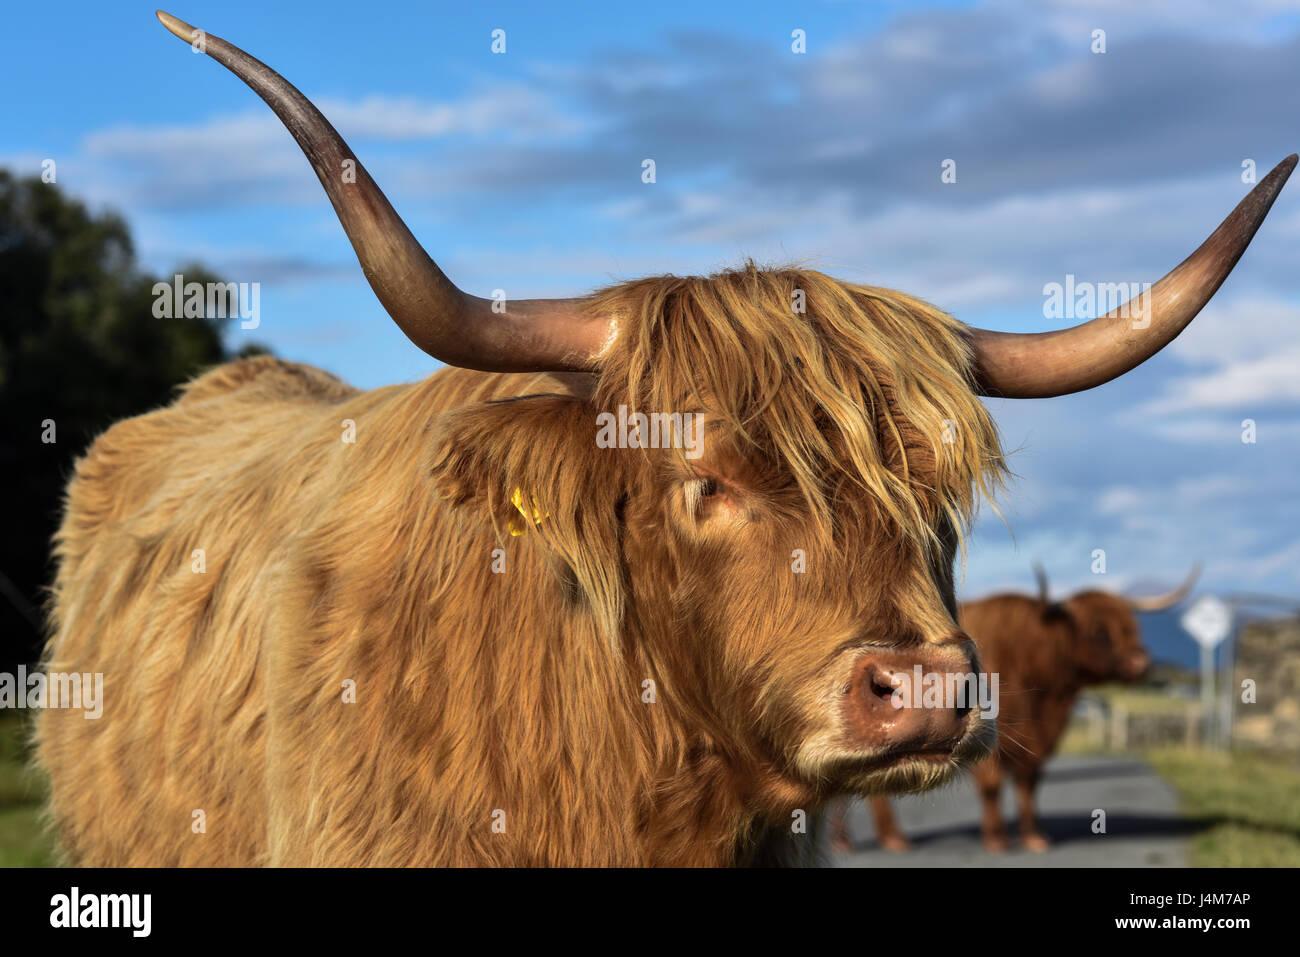 Highland bovini nella calda luce della sera. Highlands, Scotland, Regno Unito. Immagini Stock